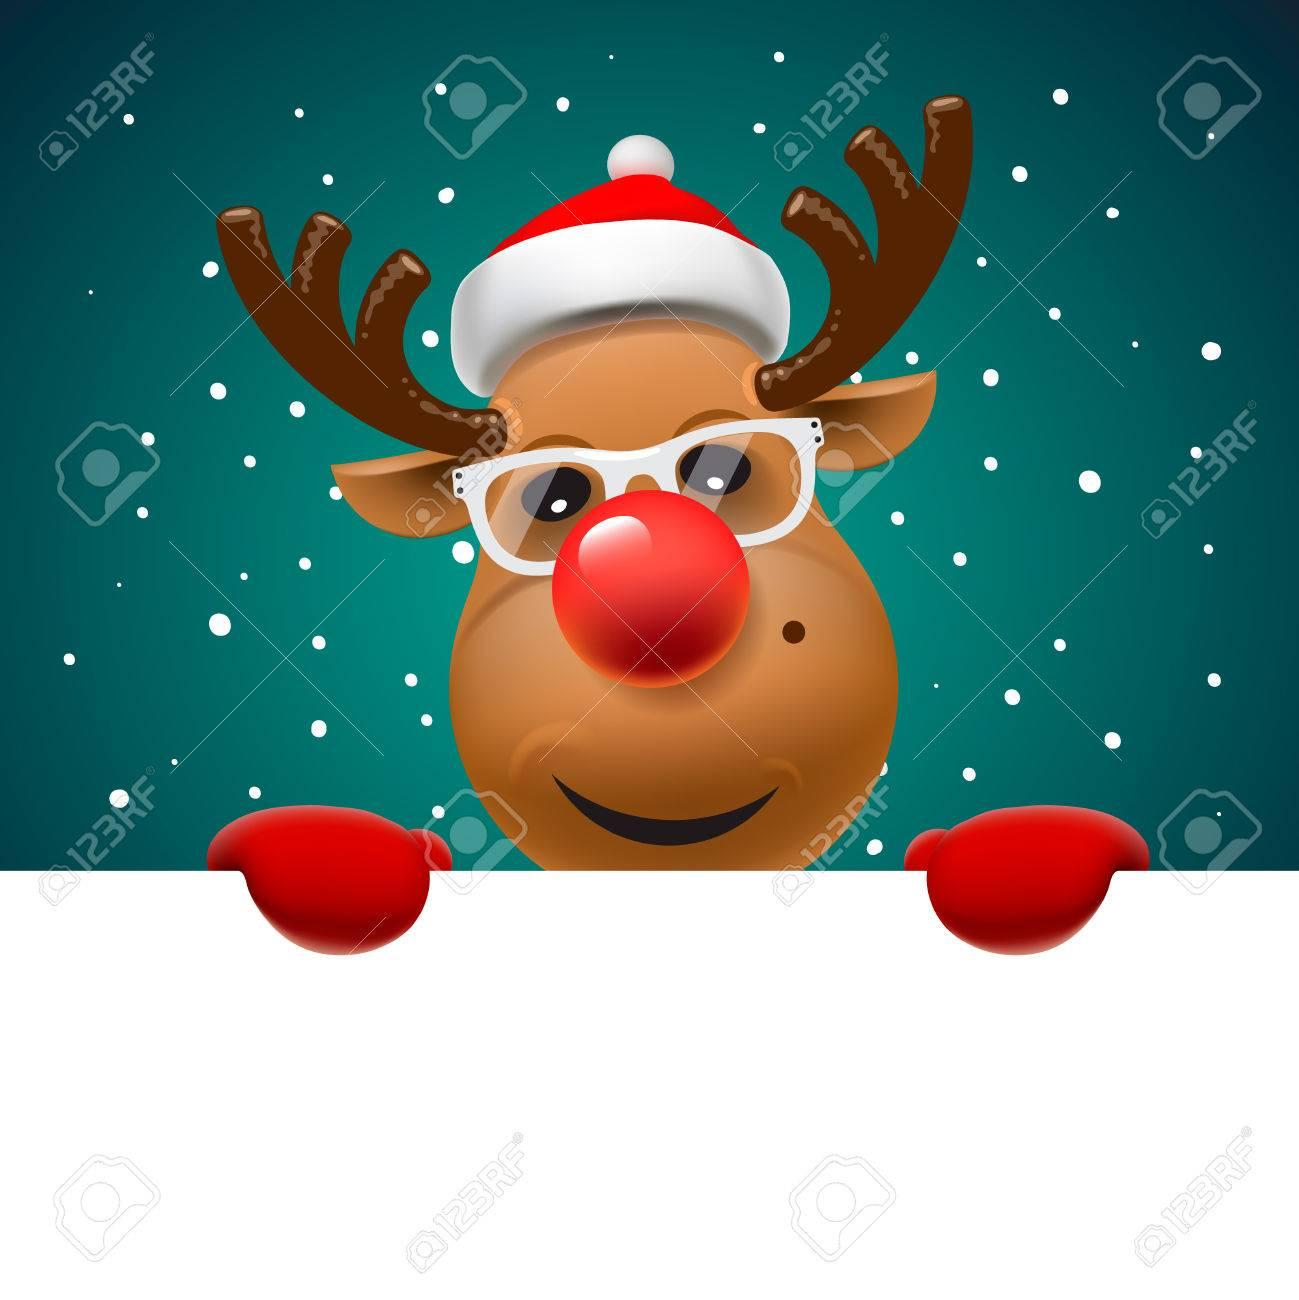 Grußkarte, Weihnachtskarte mit Rentier mit weißen Seite, Vektor-Illustration. Standard-Bild - 47864160